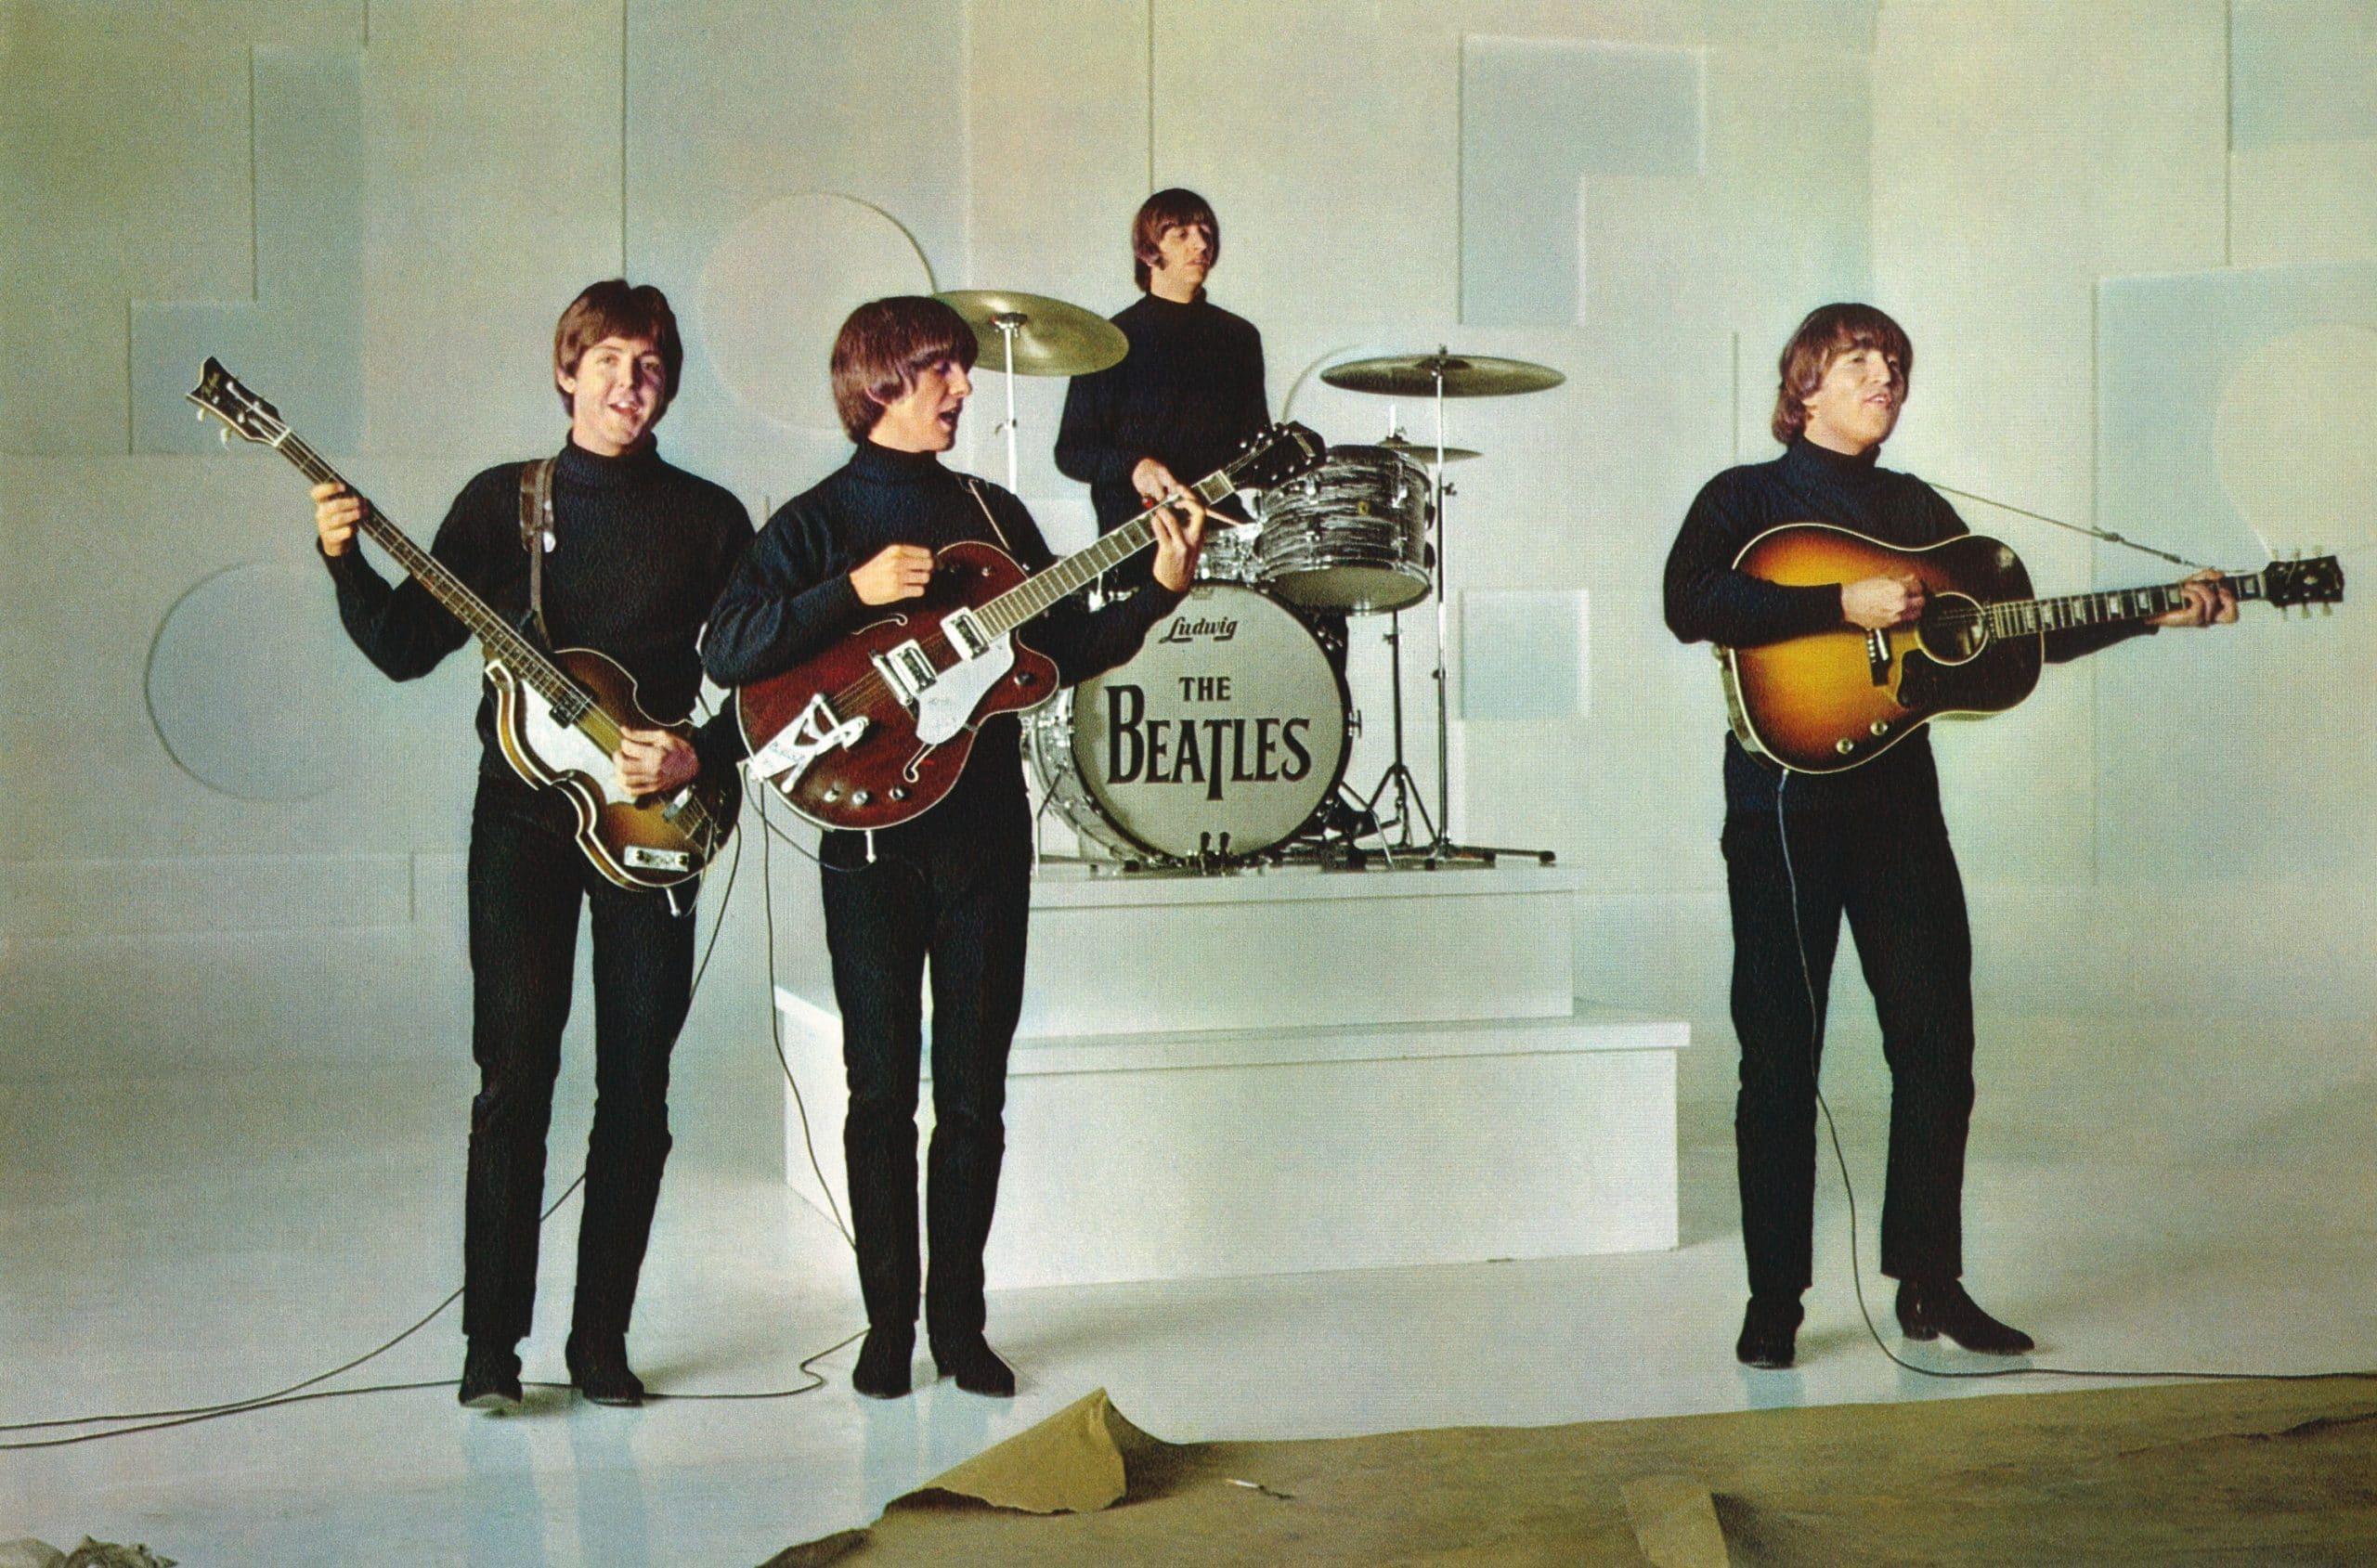 HELP!, from left: Paul McCartney, George Harrison, Ringo Starr, John Lennon 1965